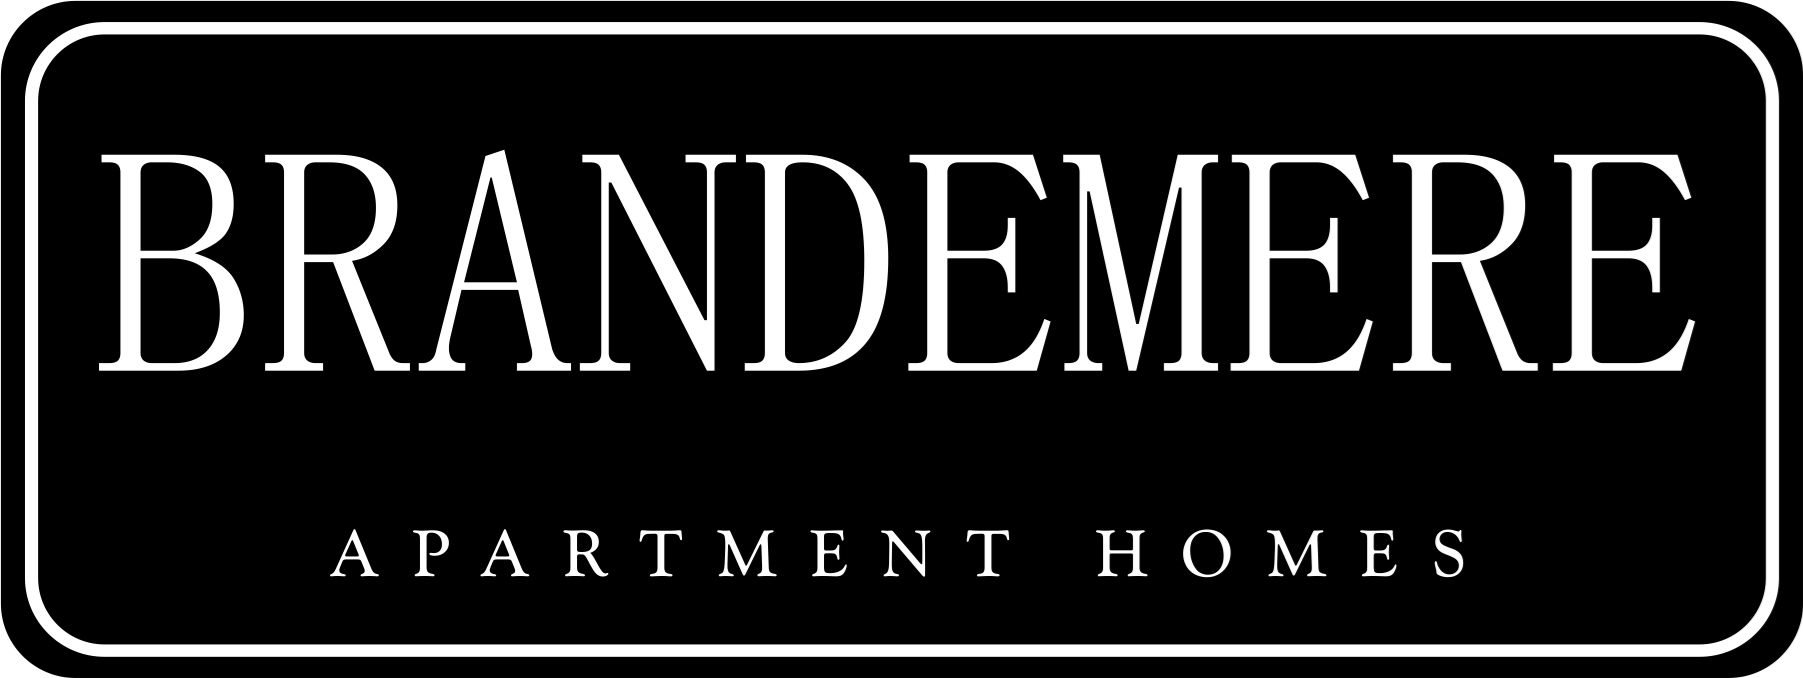 Winston - Salem Property Logo 26